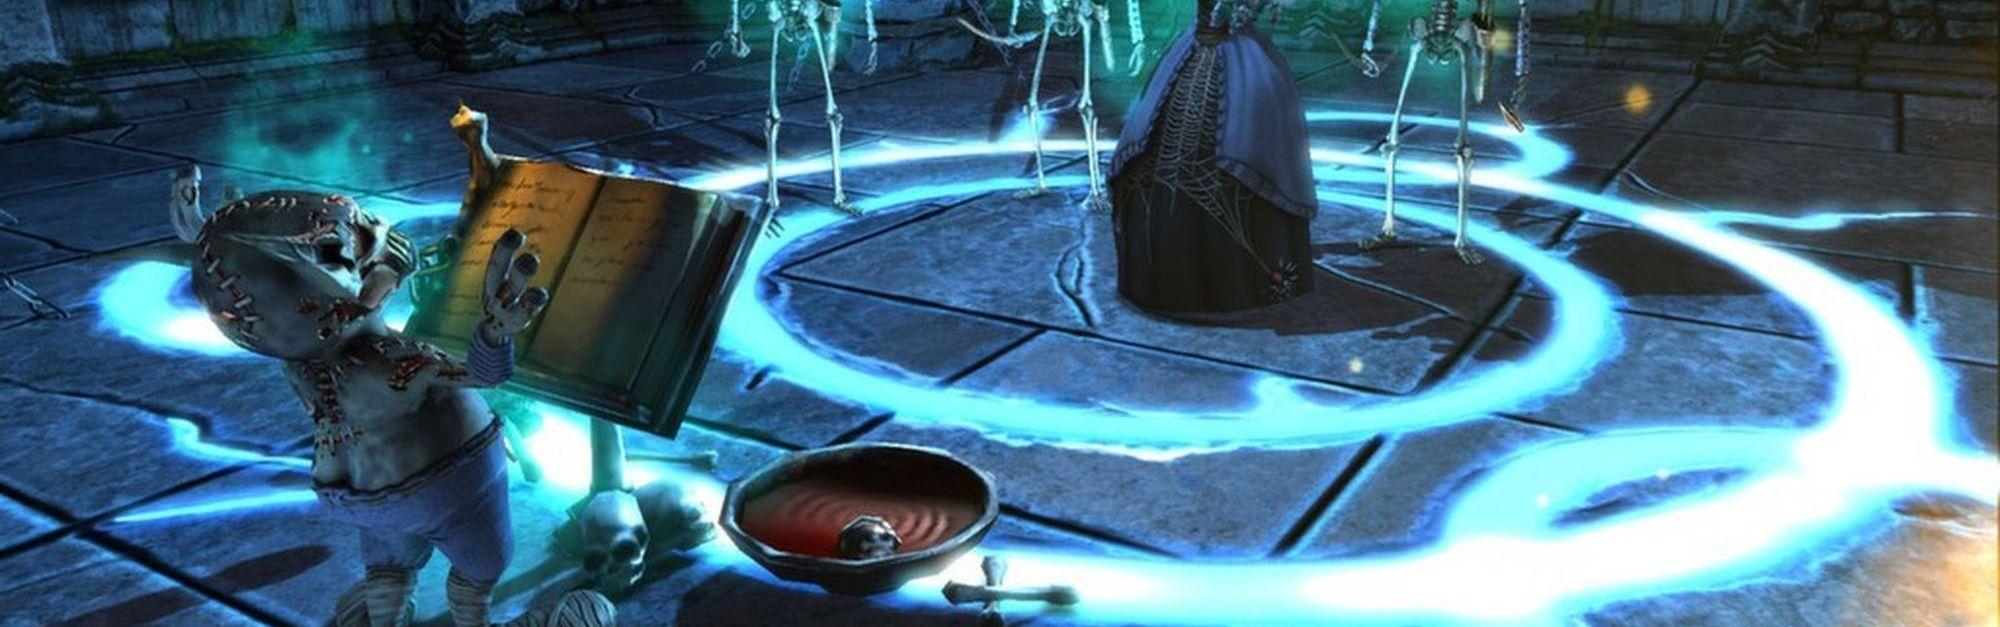 Impire - Black & White Demons (DLC) Steam Key GLOBAL